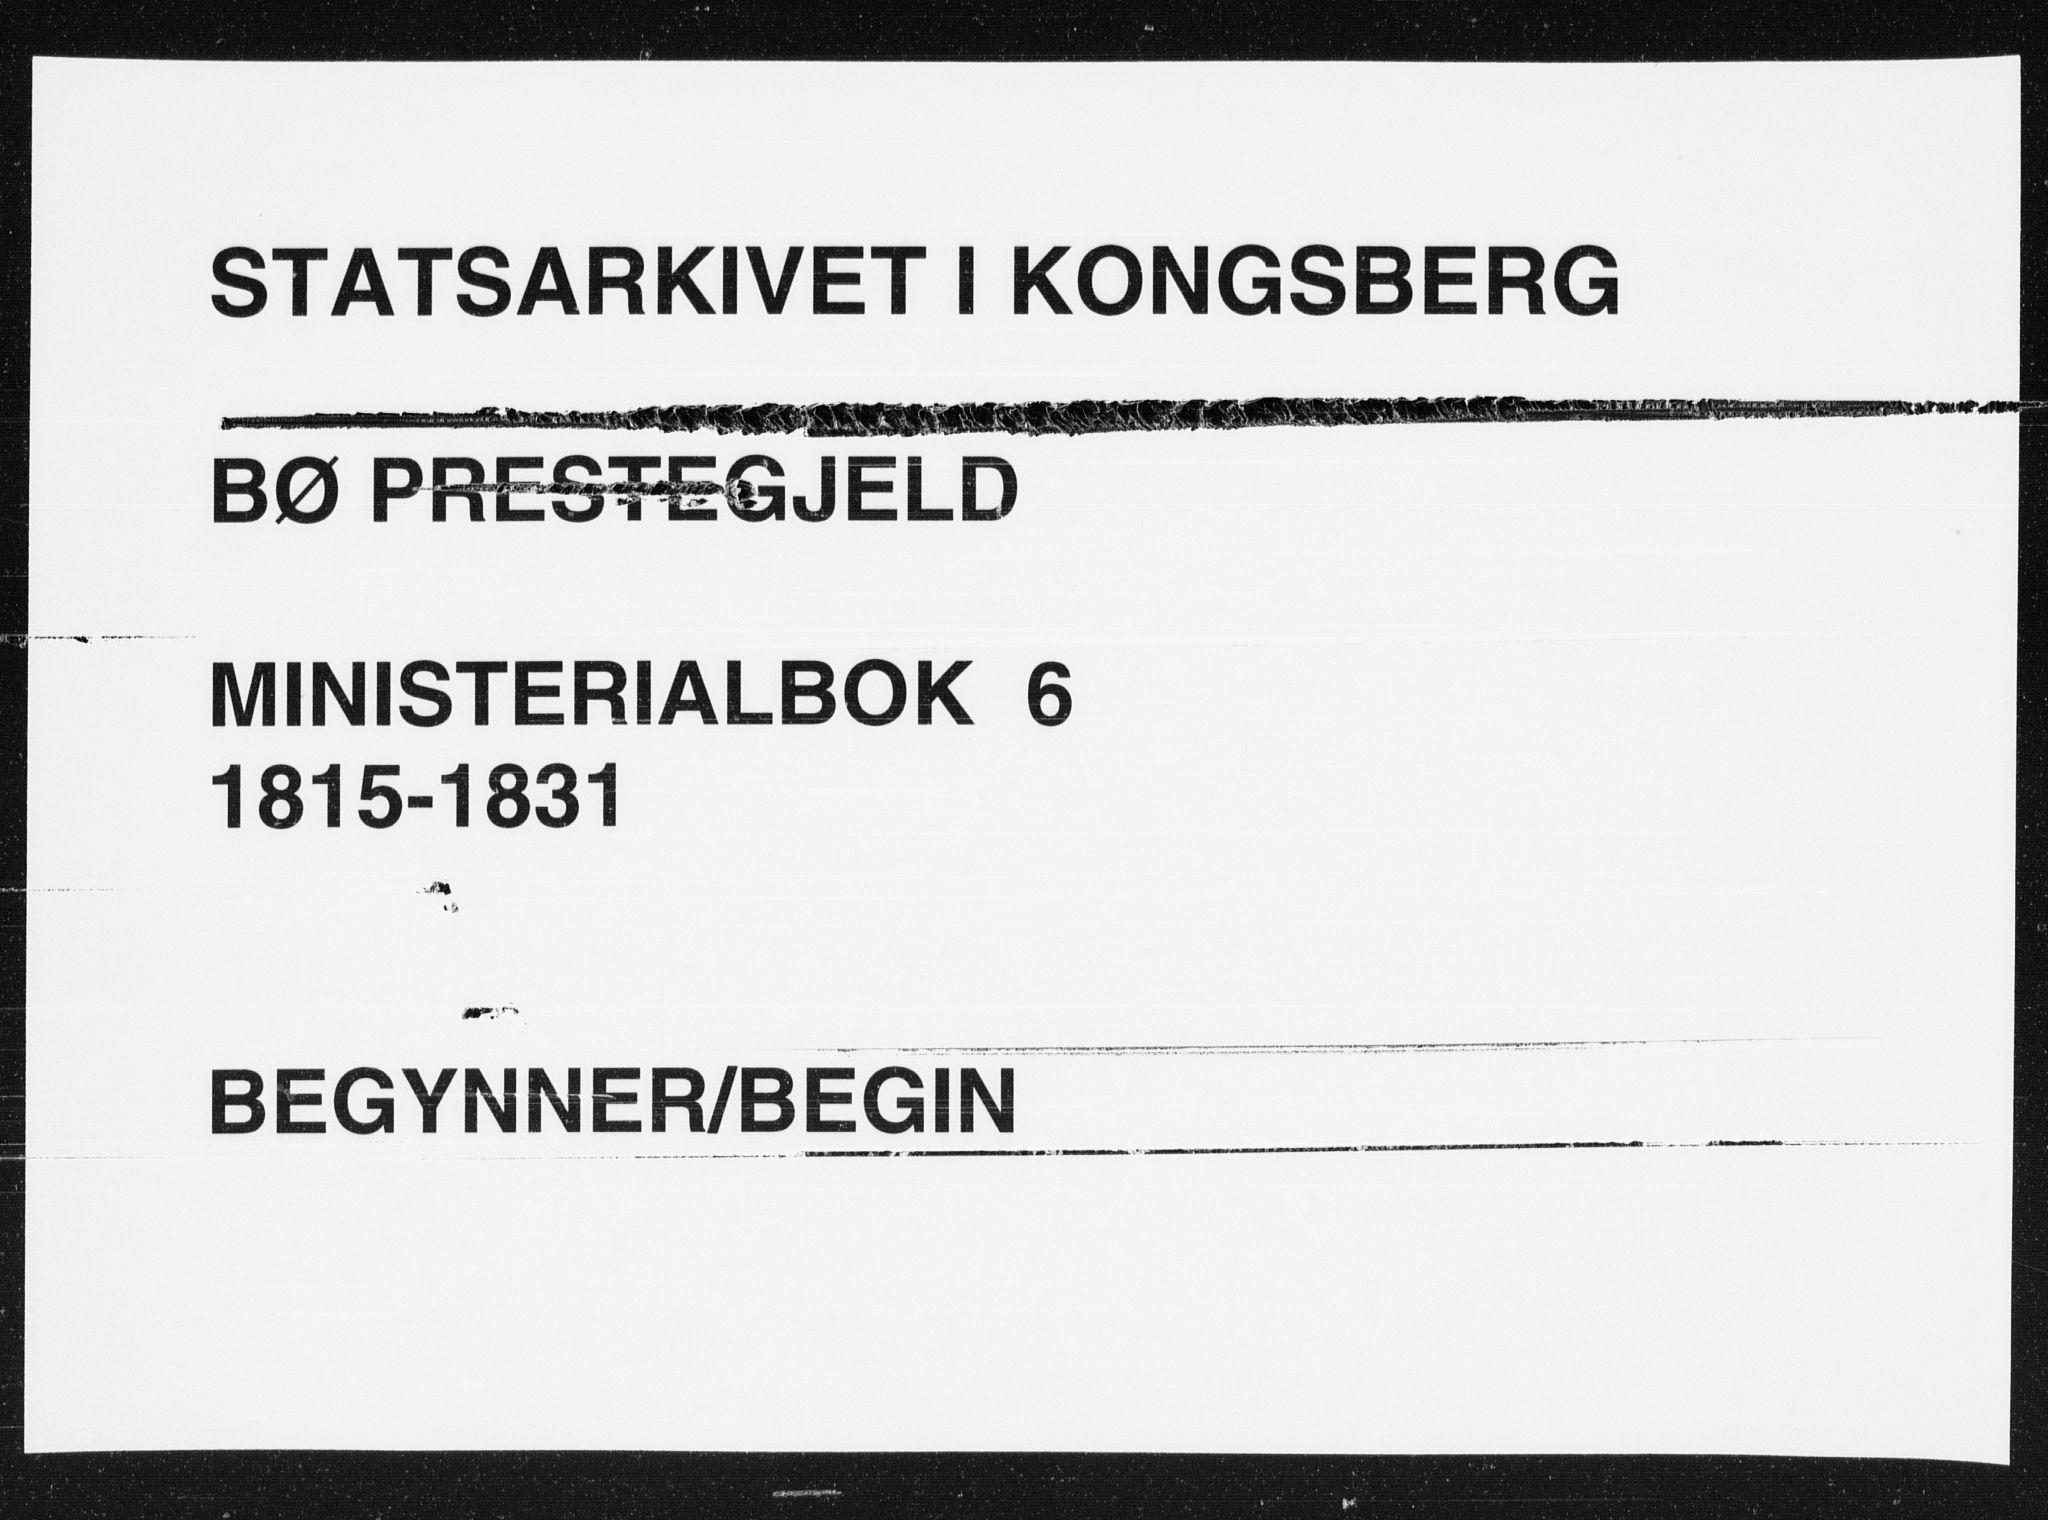 SAKO, Bø kirkebøker, F/Fa/L0006: Ministerialbok nr. 6, 1815-1831